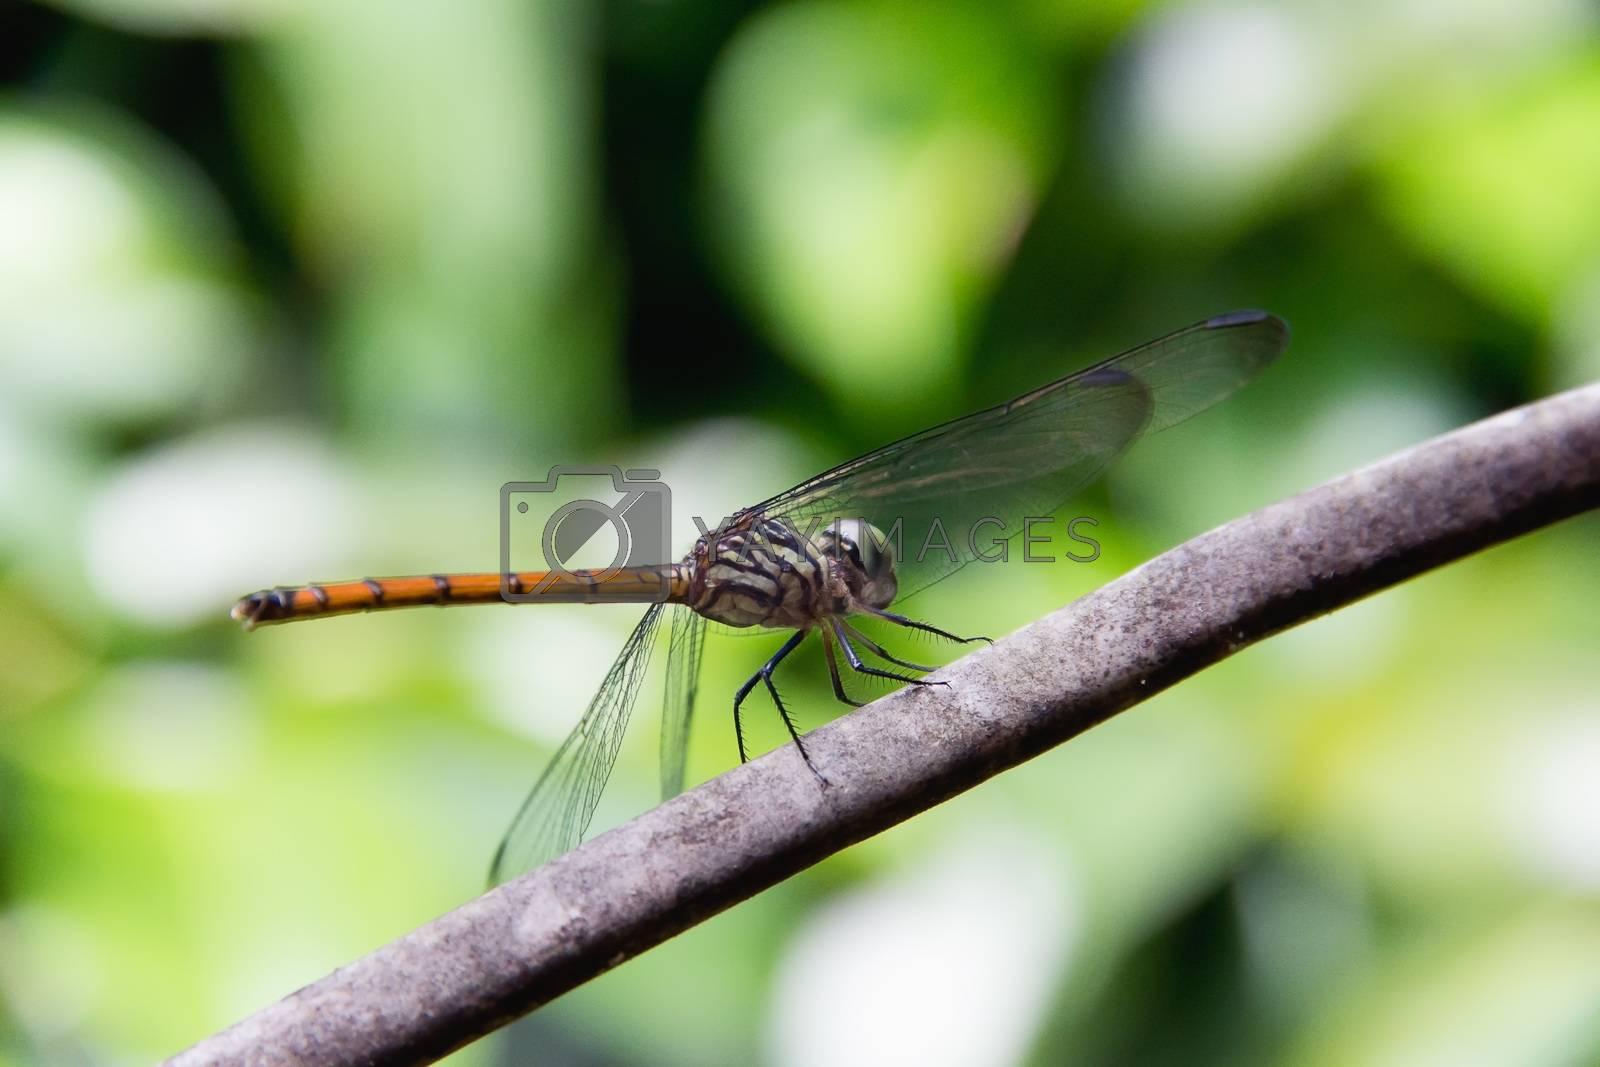 Closeup Dragonfly Island on a branch by STZU